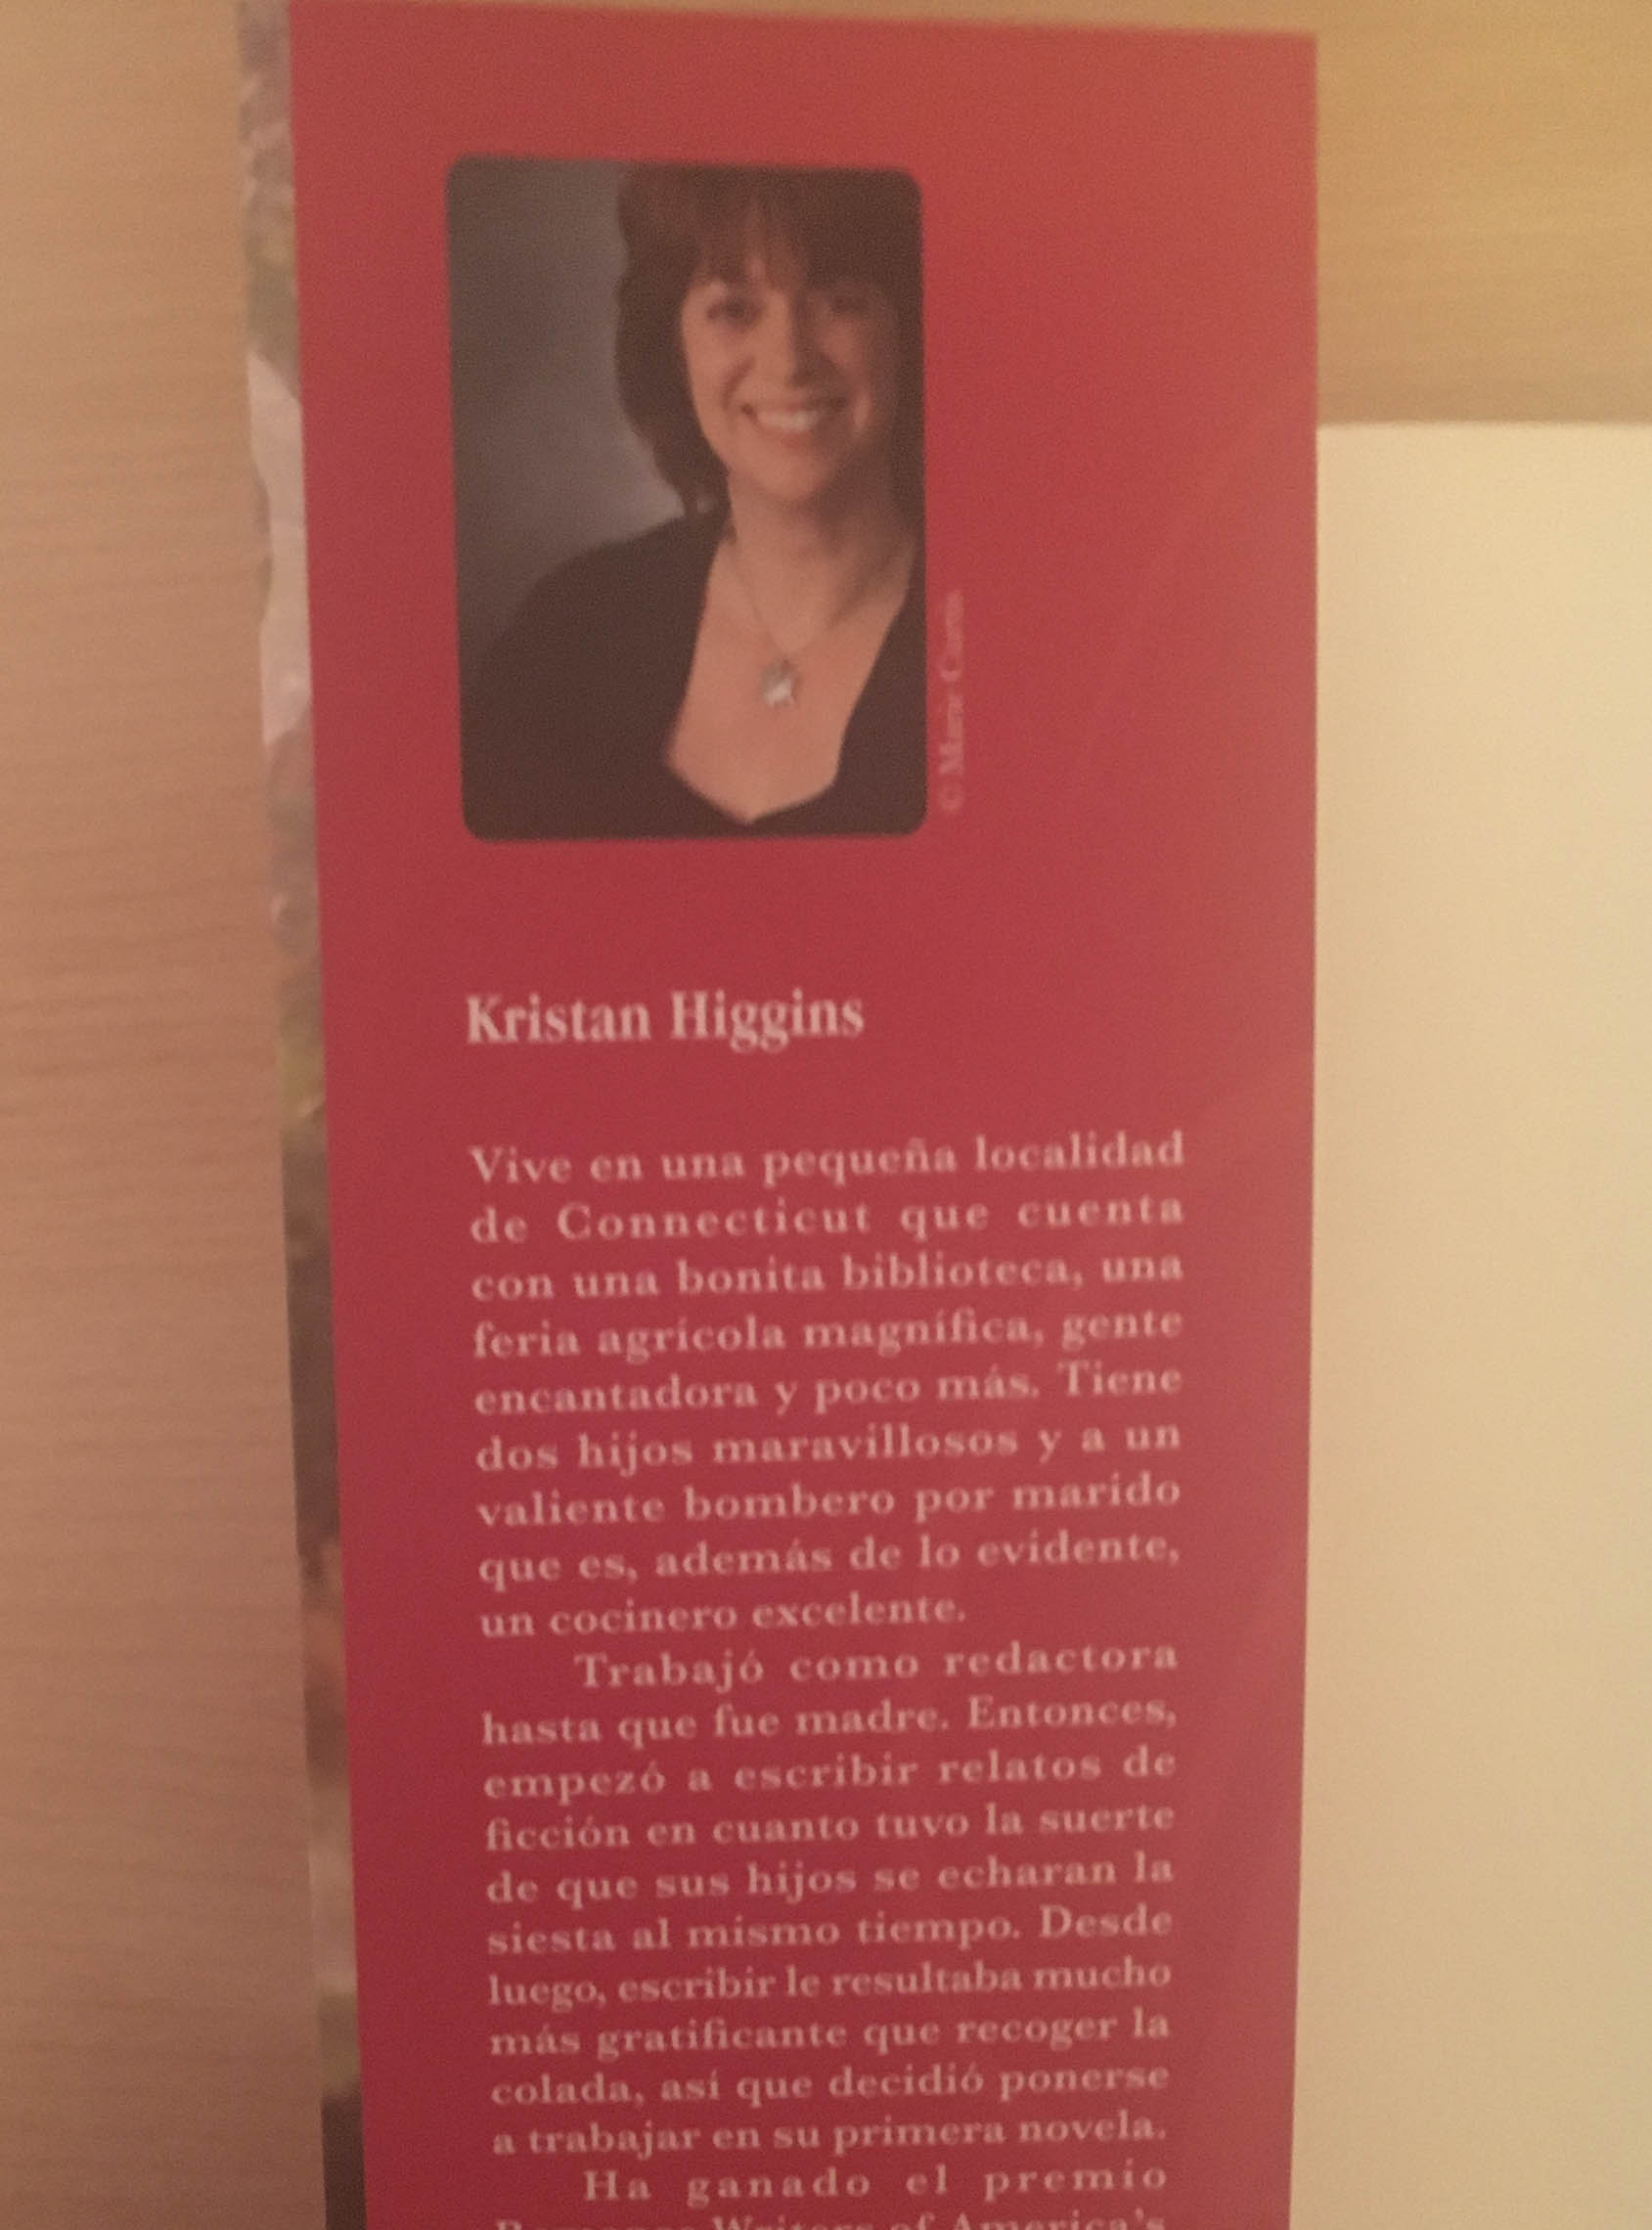 La pareja perfecta de Kristan Higgins - Reseña